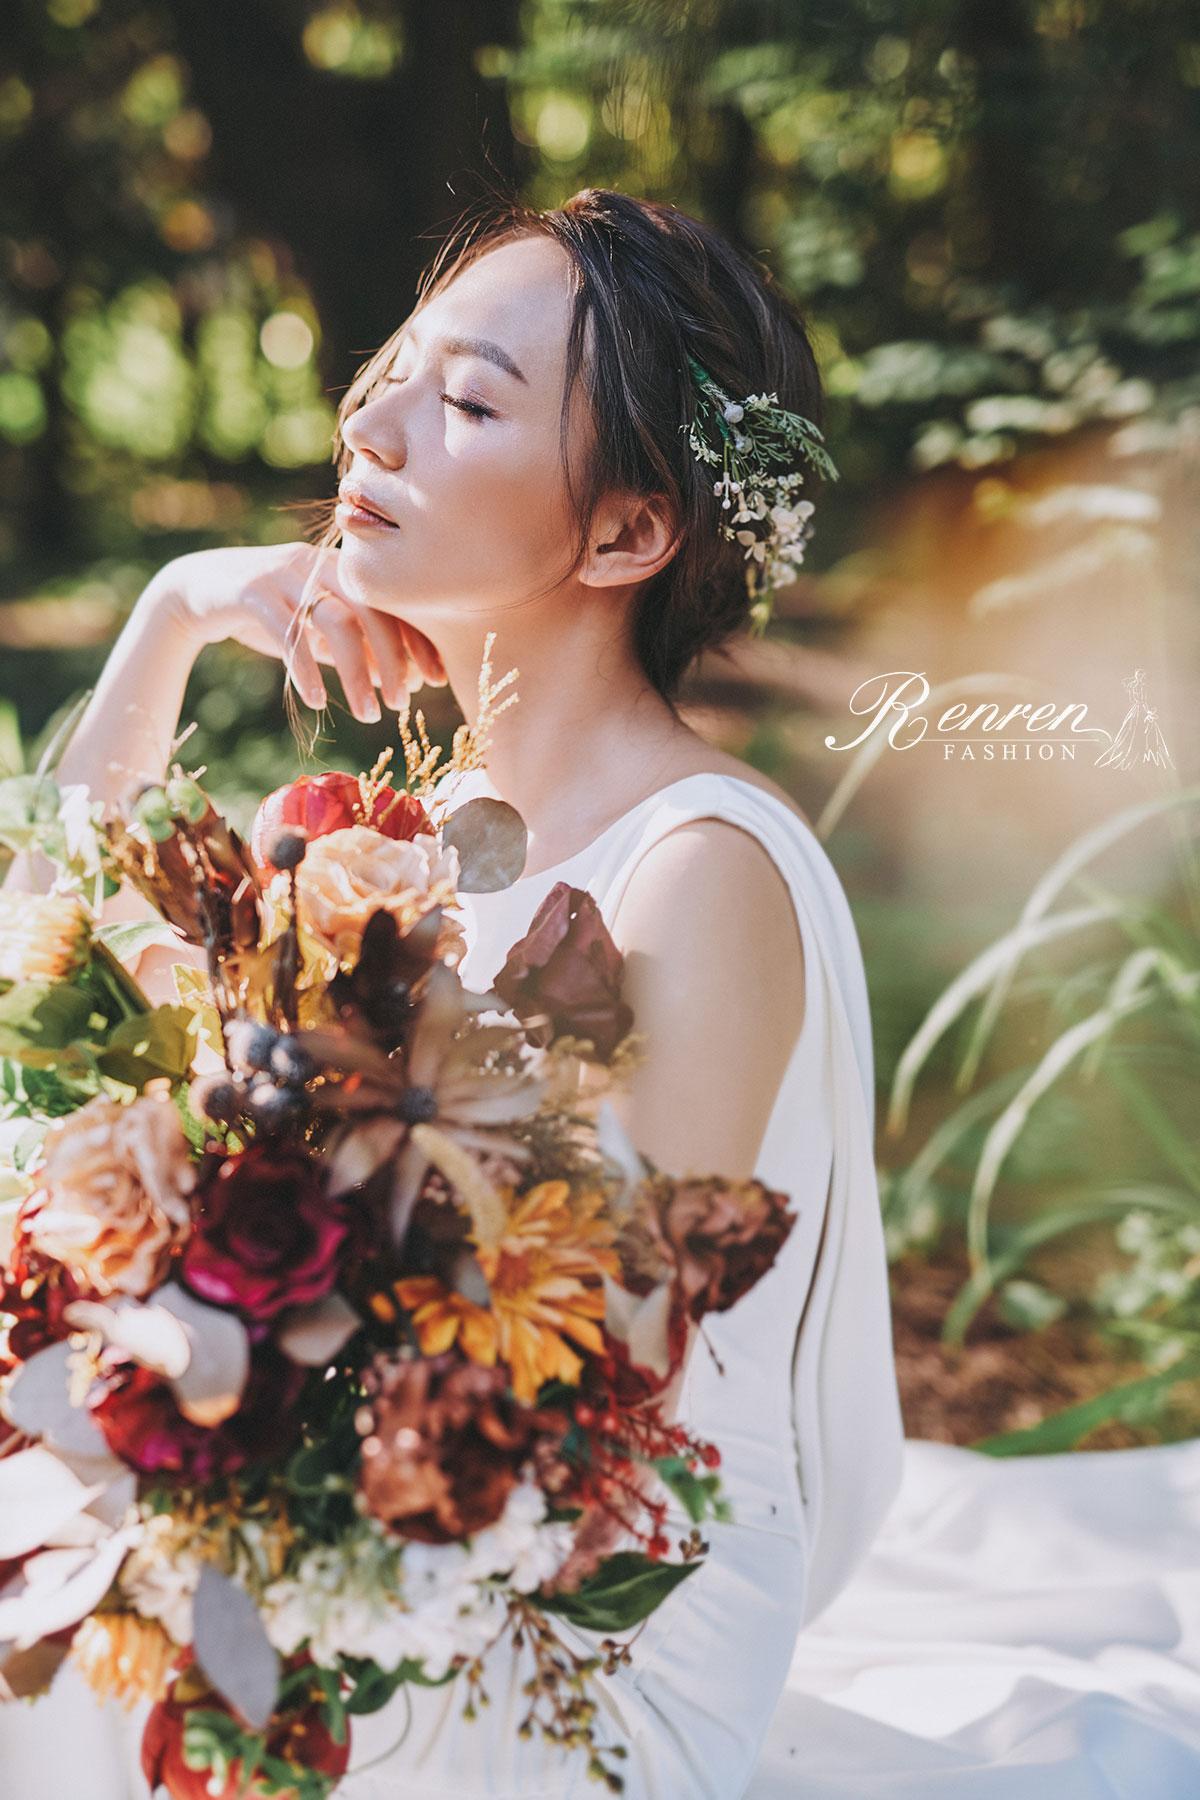 婚紗-台中-冉冉婚紗-彰濱草地-自然簡約